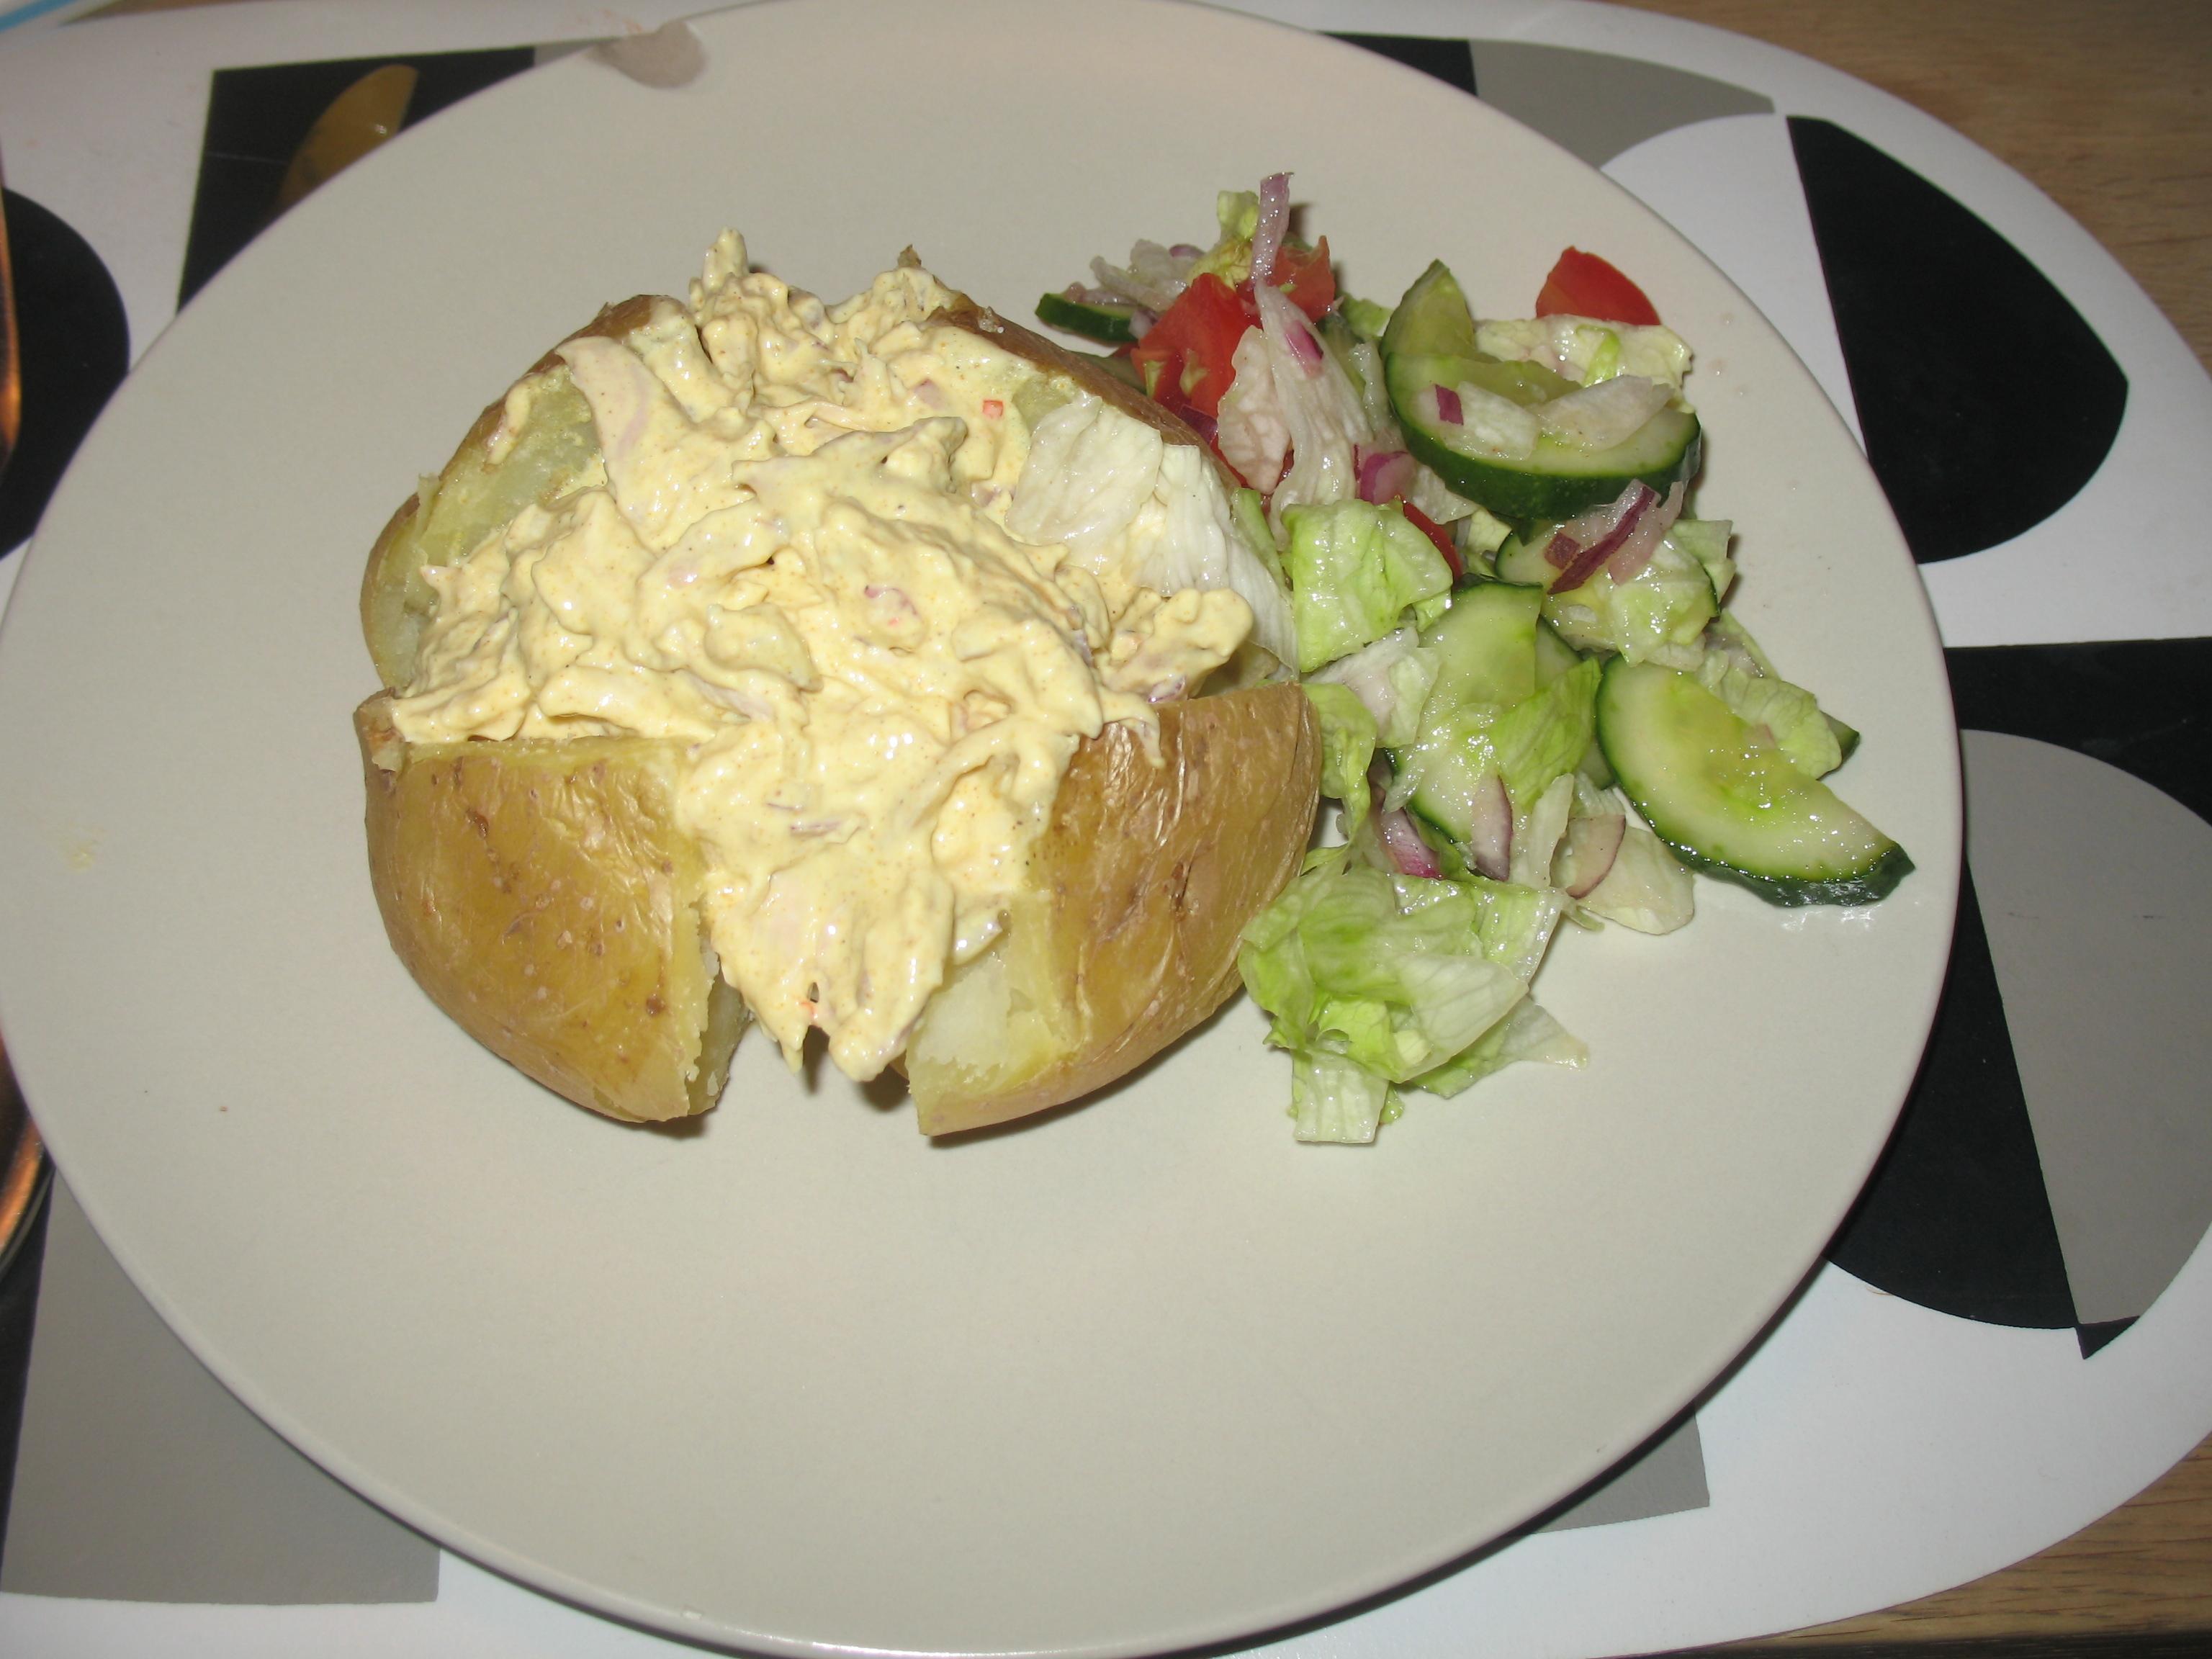 Bakad potatis med kyckling och curryröra